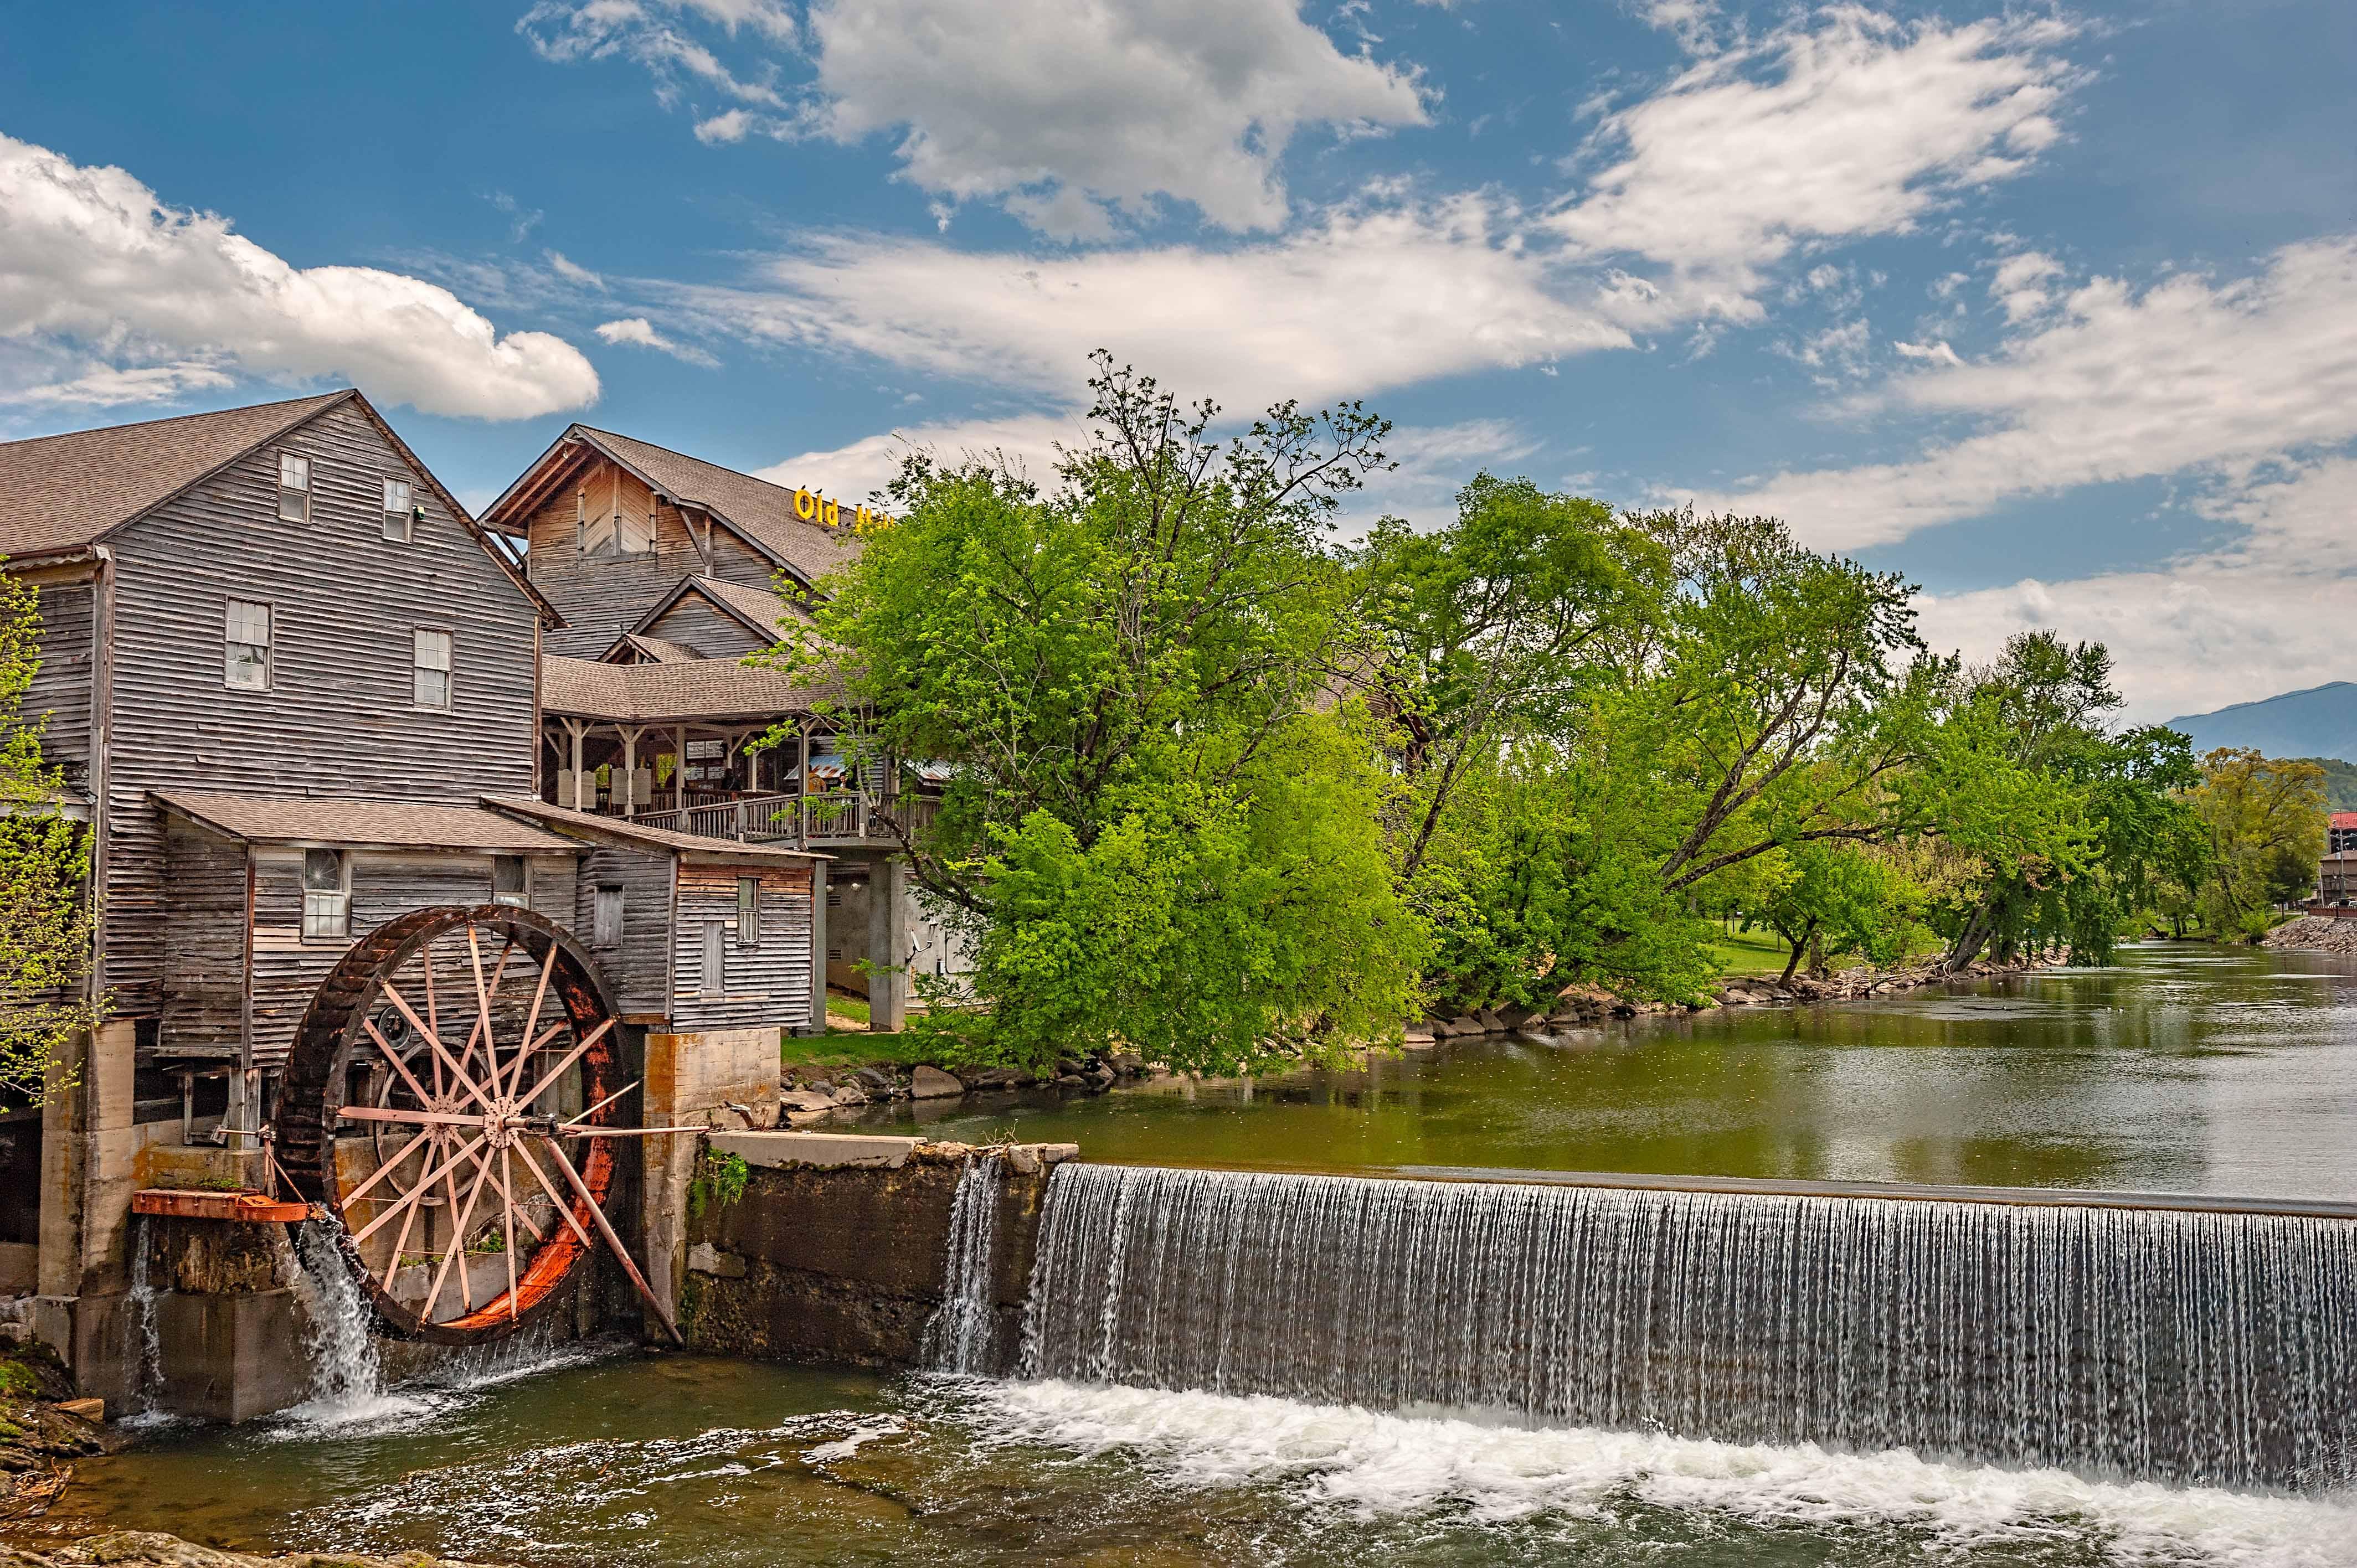 получилось водяная мельница в россии фото фото большое